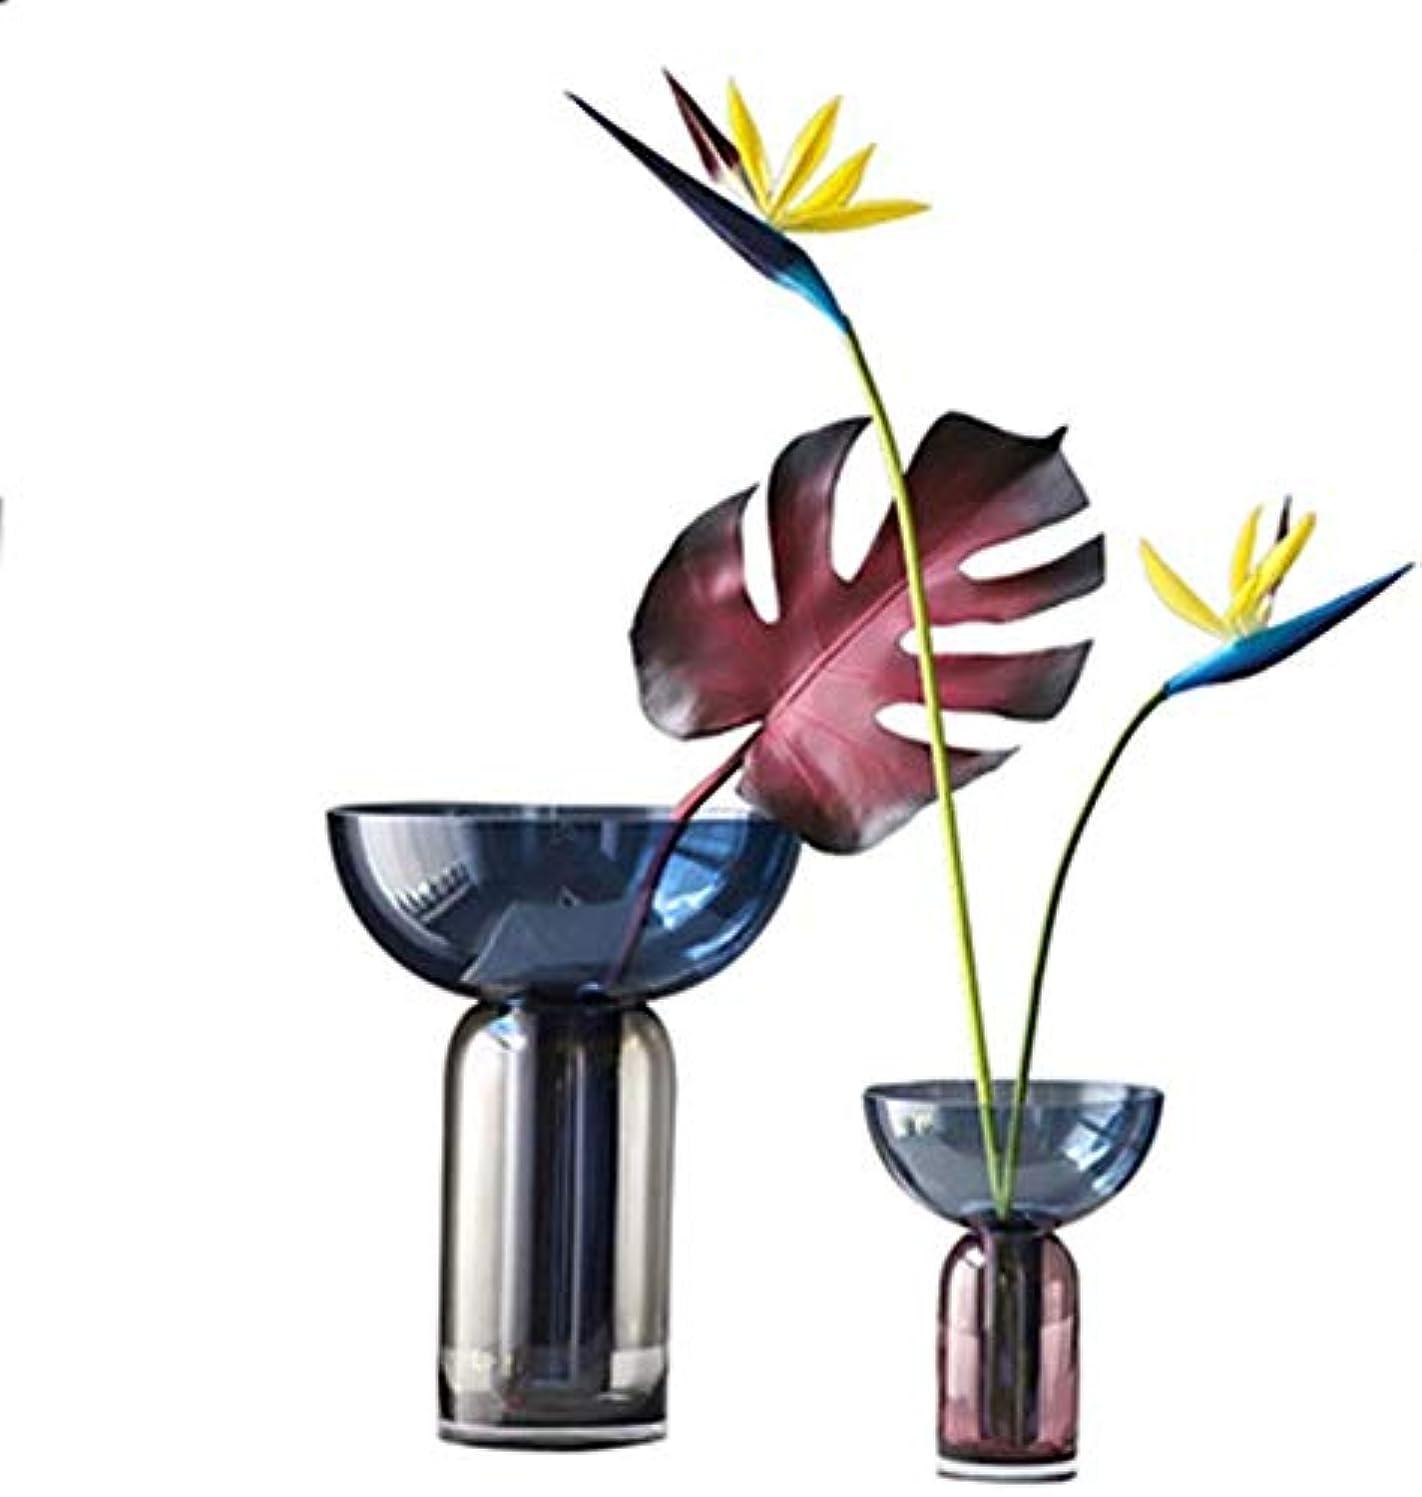 ルネッサンス遊び場ビリー花器 花瓶セラミックフラワーシンプルなリビングルームキッチンテーブル内務省結婚式工場花大規模工場15 * 7 * 12 * 19センチメートルを塗装 花瓶